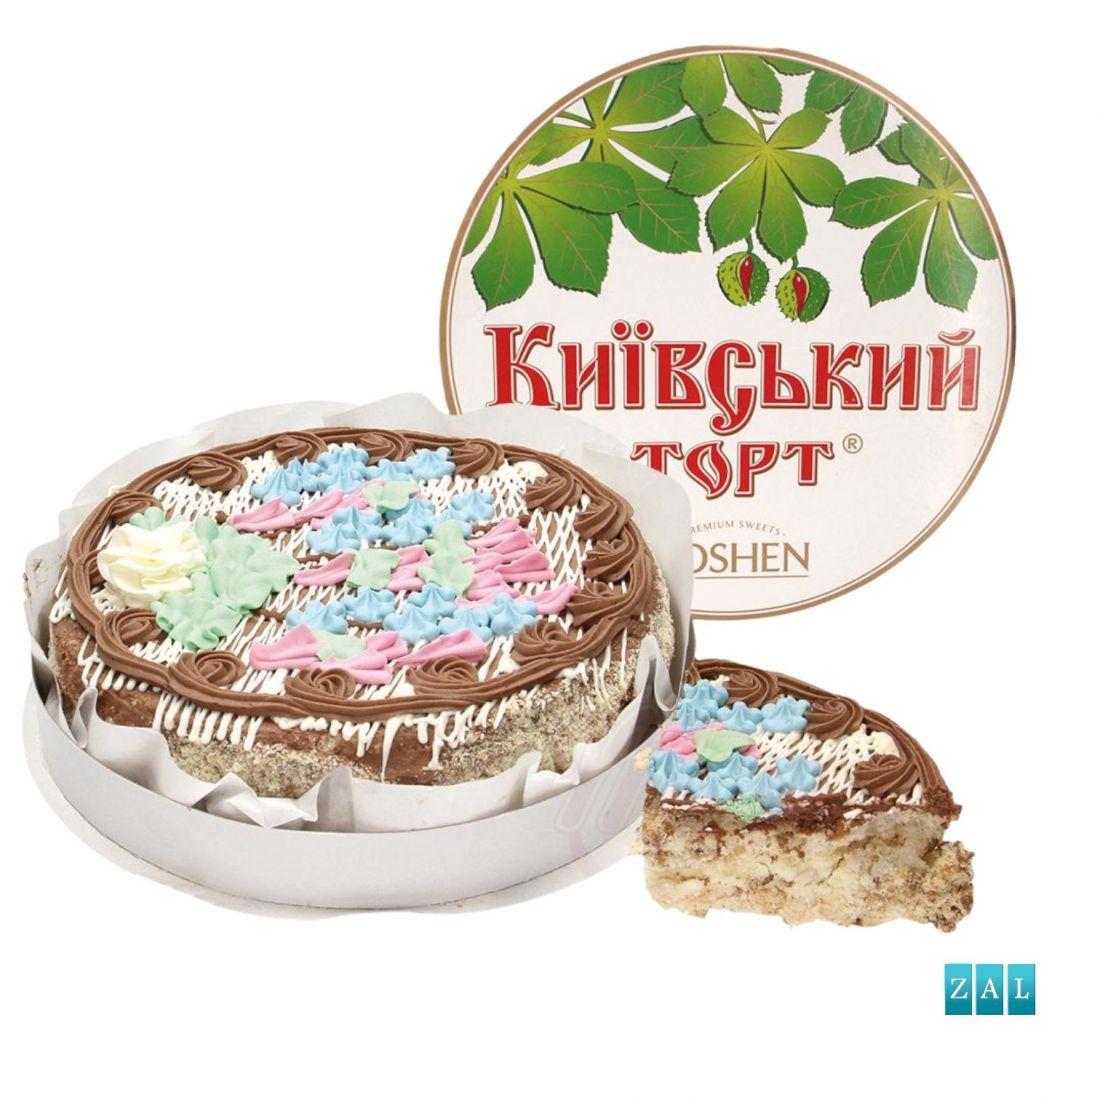 """""""Kijevi"""" torta nagy, fagyasztott ROSHEN 850g"""